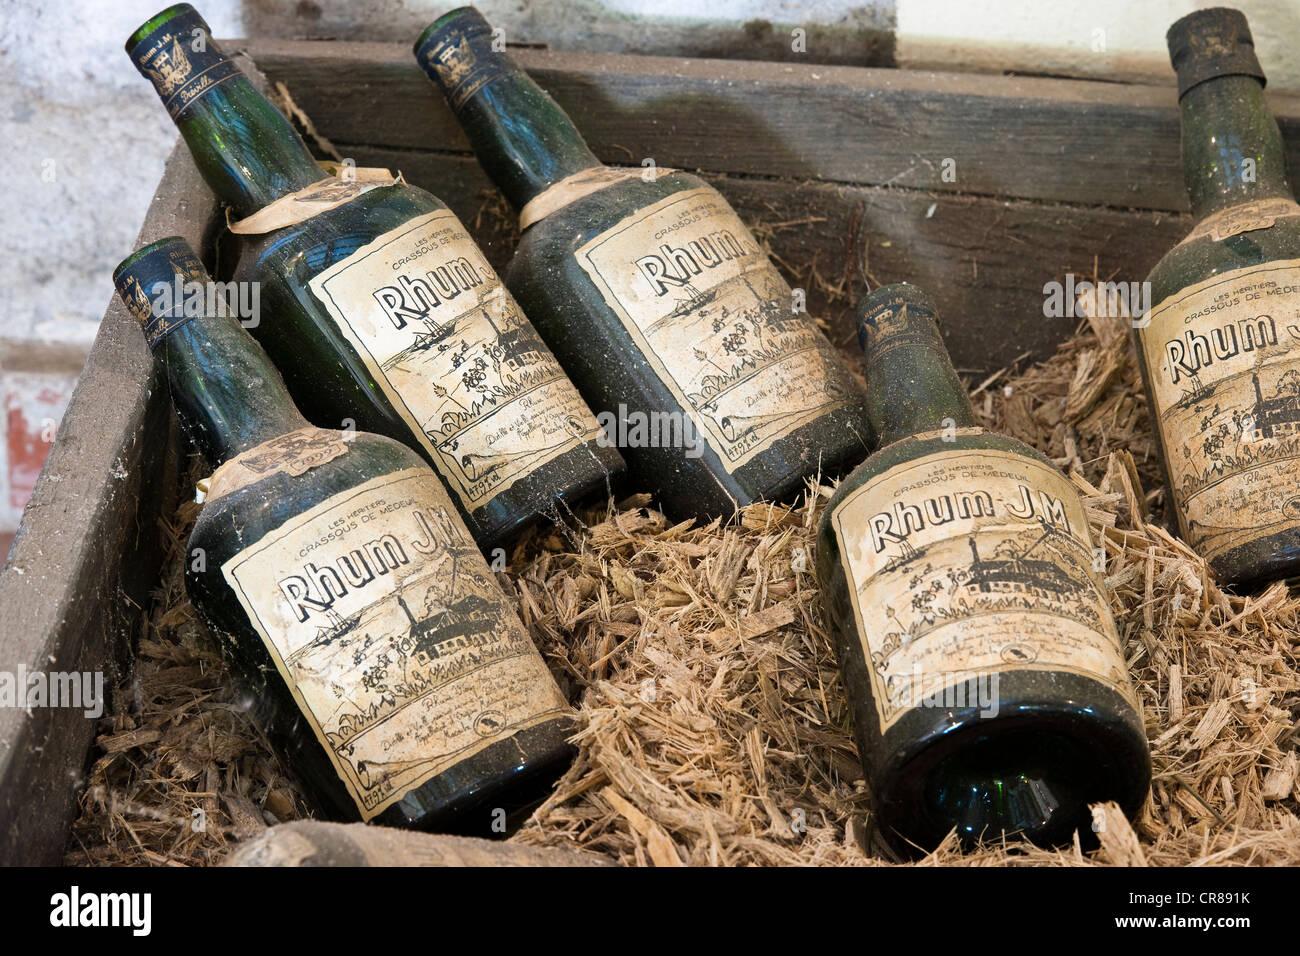 France, Martinique (French West Indies), Macouba, Fond Preville, Crassous de Medeuil housing JM distillery, AOC - Stock Image